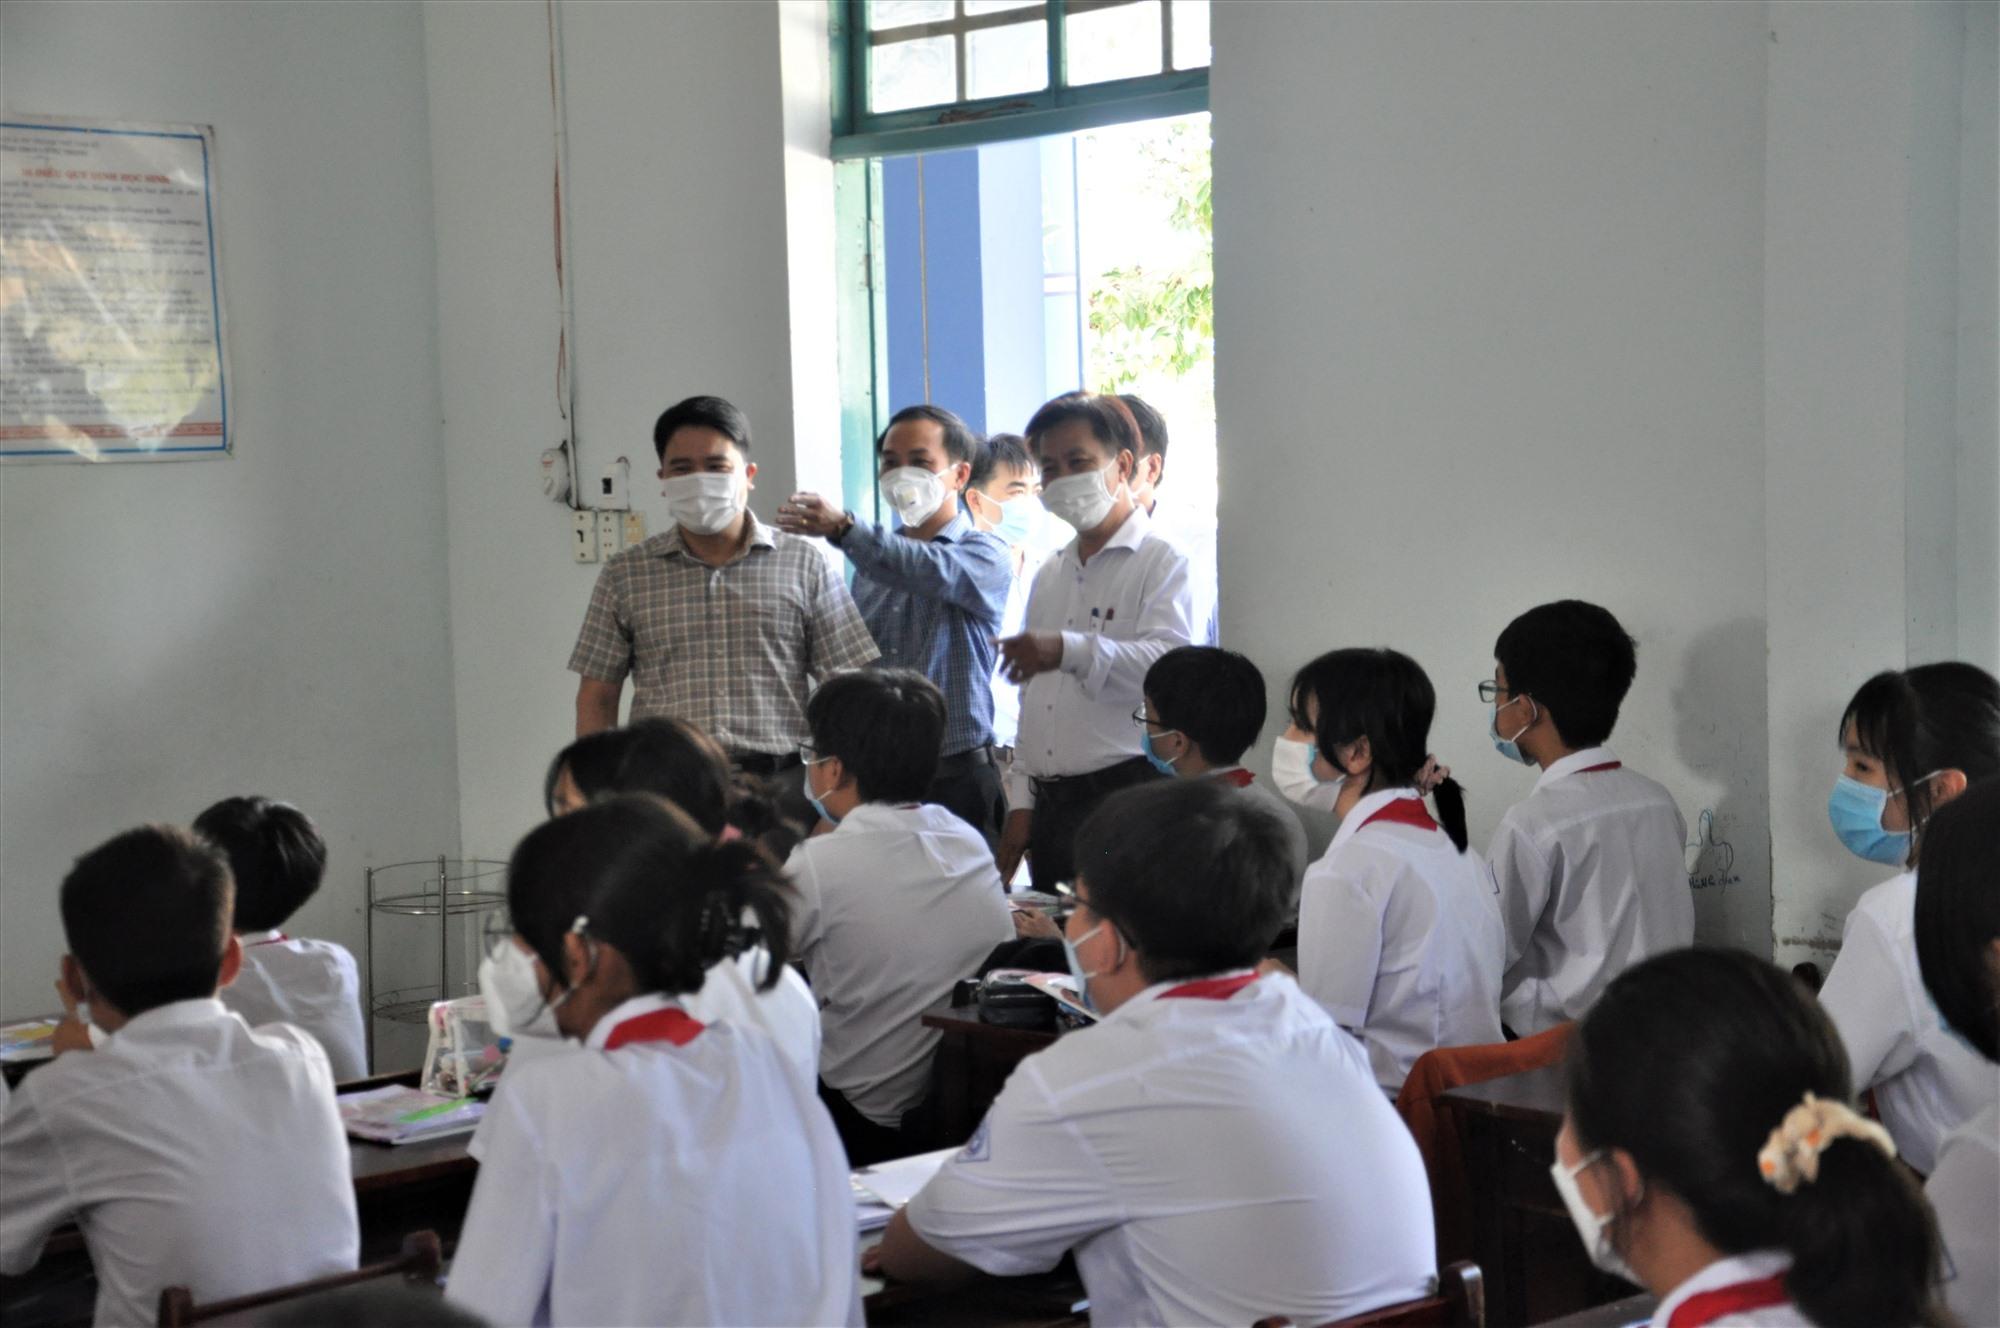 Phó Chủ tịch UBND tỉnh Trần Văn Tân cùng lãnh đạo TP.Tam Kỳ kiểm tra công tác dạy và học, phòng chống dịch Covid-19 tại trường học. Ảnh: X.P